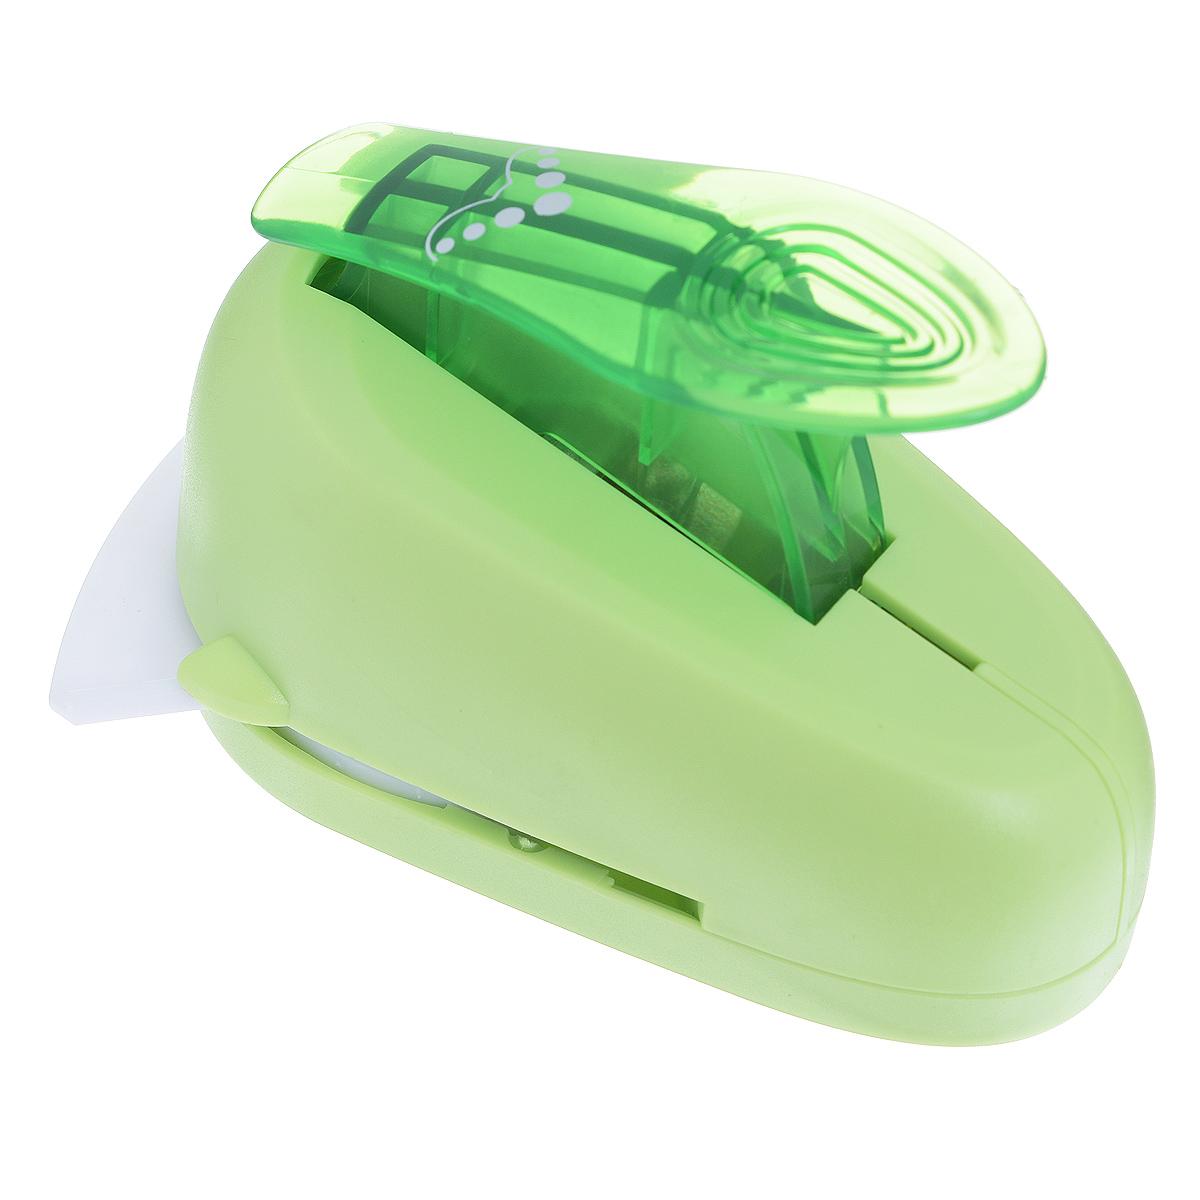 Дырокол фигурный Астра Клин, угловой. CD-99MC7709610_55Дырокол Астра Клин поможет вам легко, просто и аккуратно вырезать много одинаковых мелких фигурок.Режущие части компостера закрыты пластмассовым корпусом, что обеспечивает безопасность для детей. Вырезанные фигурки накапливаются в специальном резервуаре. Можно использовать вырезанные мотивы как конфетти или для наклеивания. Угловой дырокол подходит для разных техник: декупажа, скрапбукинга, декорирования.Размер дырокола: 10 см х 7 см х 7 см. Размер готовой фигурки: 2,7 см х 1,5 см.